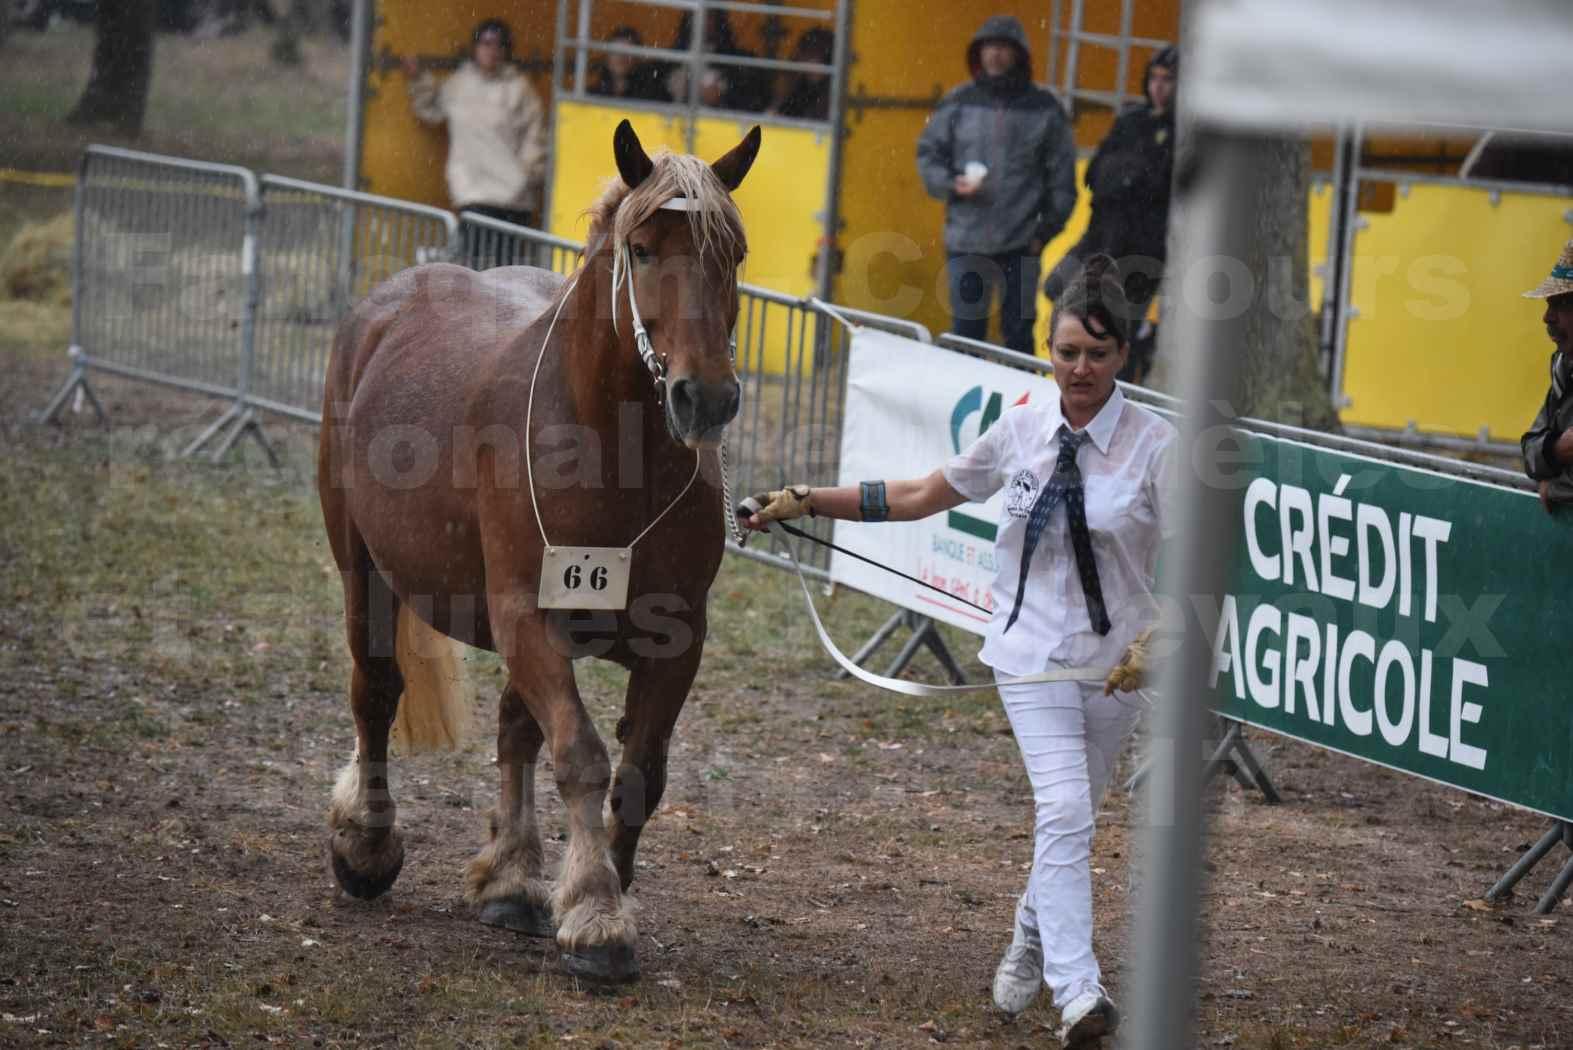 Concours Régional de chevaux de traits en 2017 - Trait COMTOIS - Jument suitée - ROXIE 7 - 17